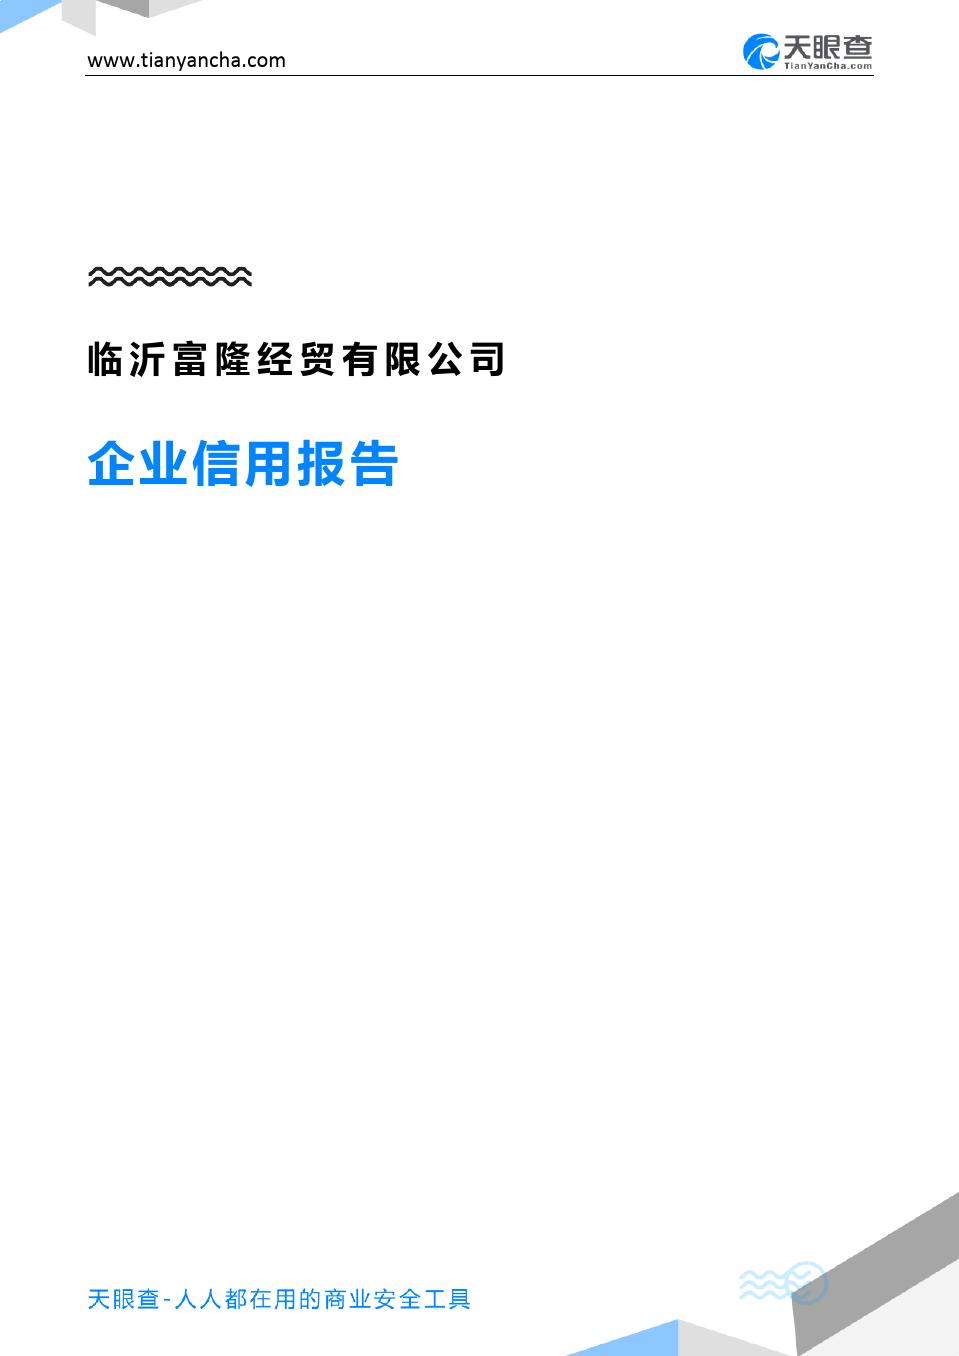 临沂富隆经贸有限公司(企业信用报告)- 天眼查